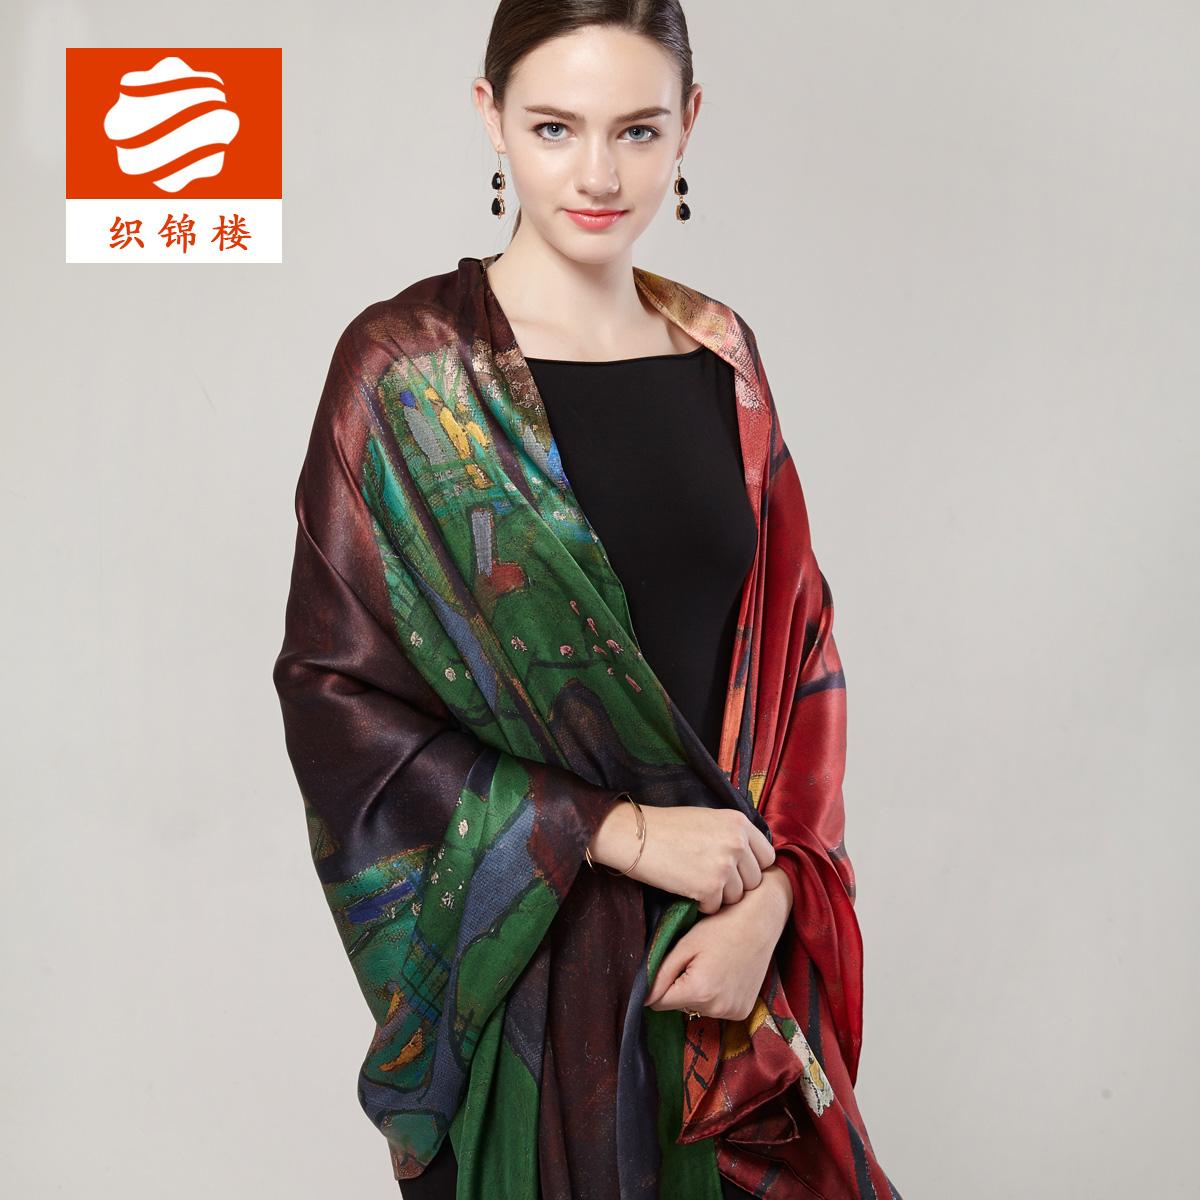 真絲桑蠶絲春季披肩圍巾空調長款絲巾絲綢女士 織錦樓長巾